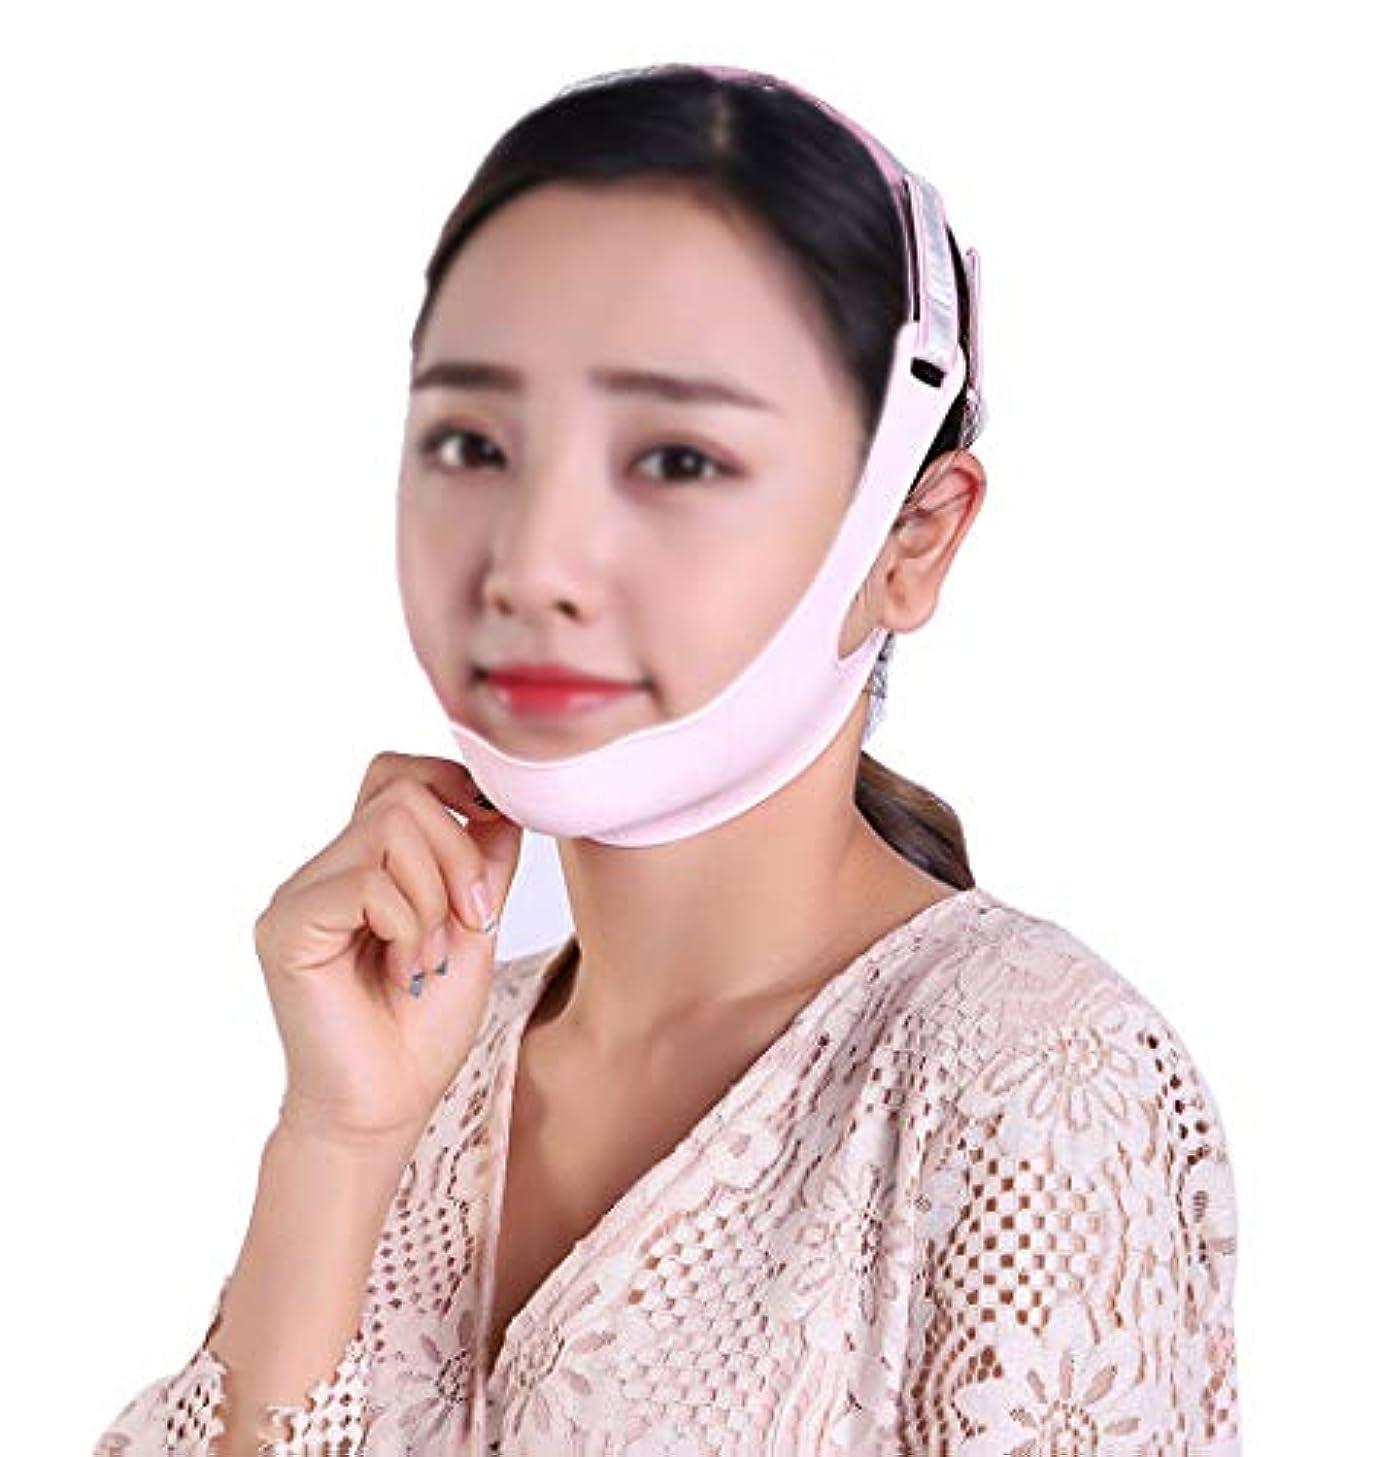 感動する自動車インタネットを見るフェイスリフトマスク、シリコンVフェイスマスクの引き締め、リフティングフェイス、リラクゼーションフェイスとネックリフトのバンデージスモールVフェイスアーチファクト防止 (Size : L)